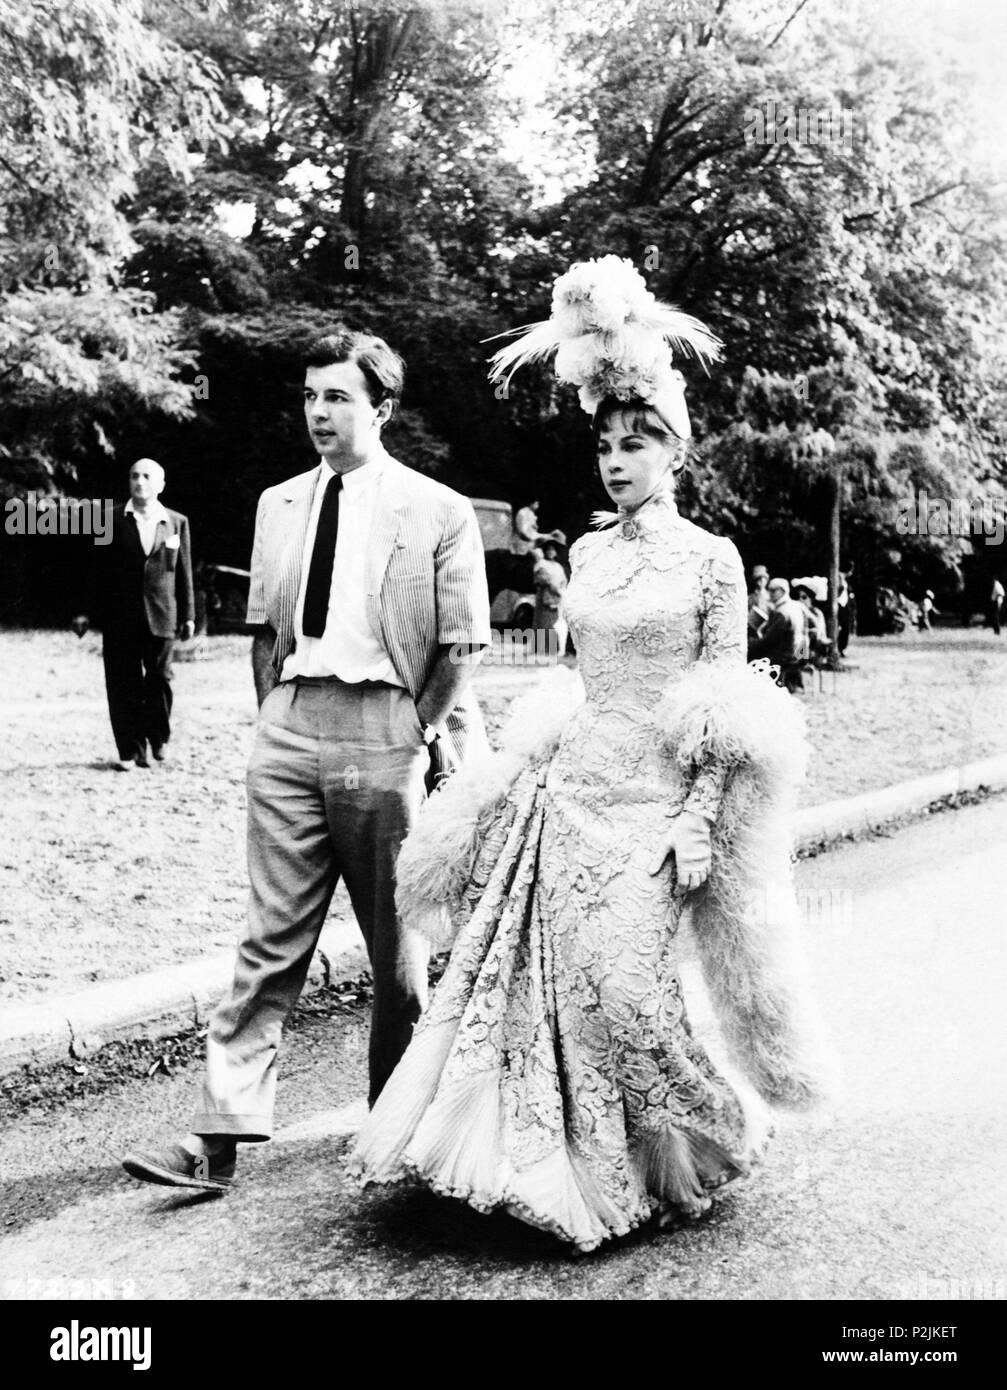 Descripción: Leslie Caron con su marido Peter Hall durante el rodaje de la película. El título de la película original: ANN. Título en inglés: ANN. El director de cine: Vincente Minnelli. Año: 1958. Estrellas: Leslie Caron; Peter Hall. Crédito: M.G.M. / Álbum Imagen De Stock